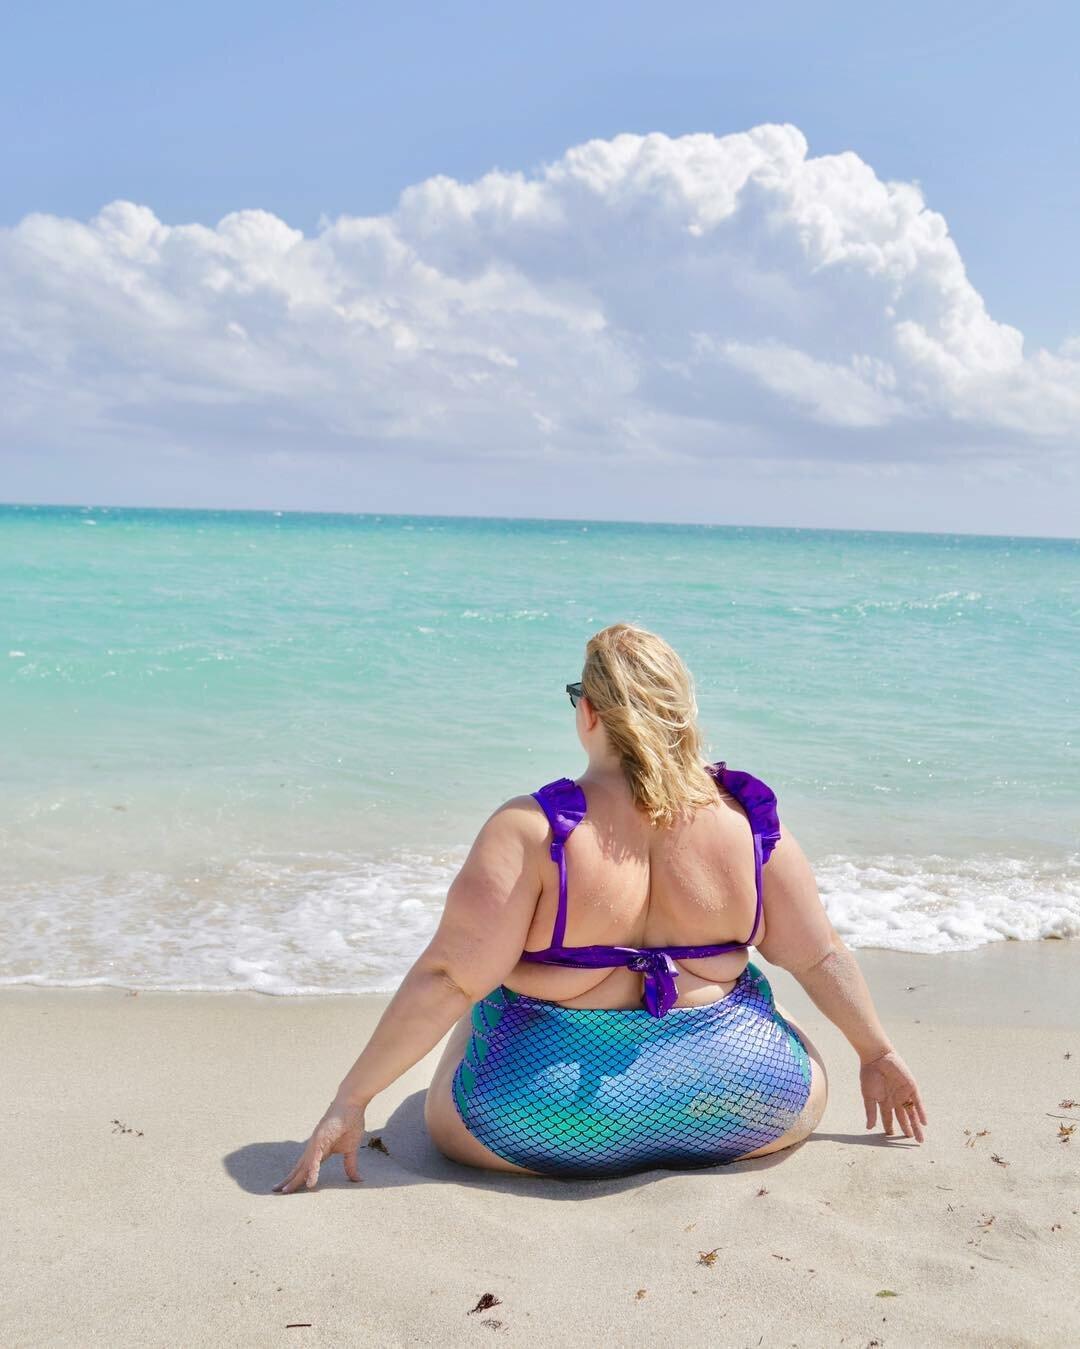 GNfdT0uKY E - Модная модель Gillette Venus: бодипозитив или пропаганда ожирения